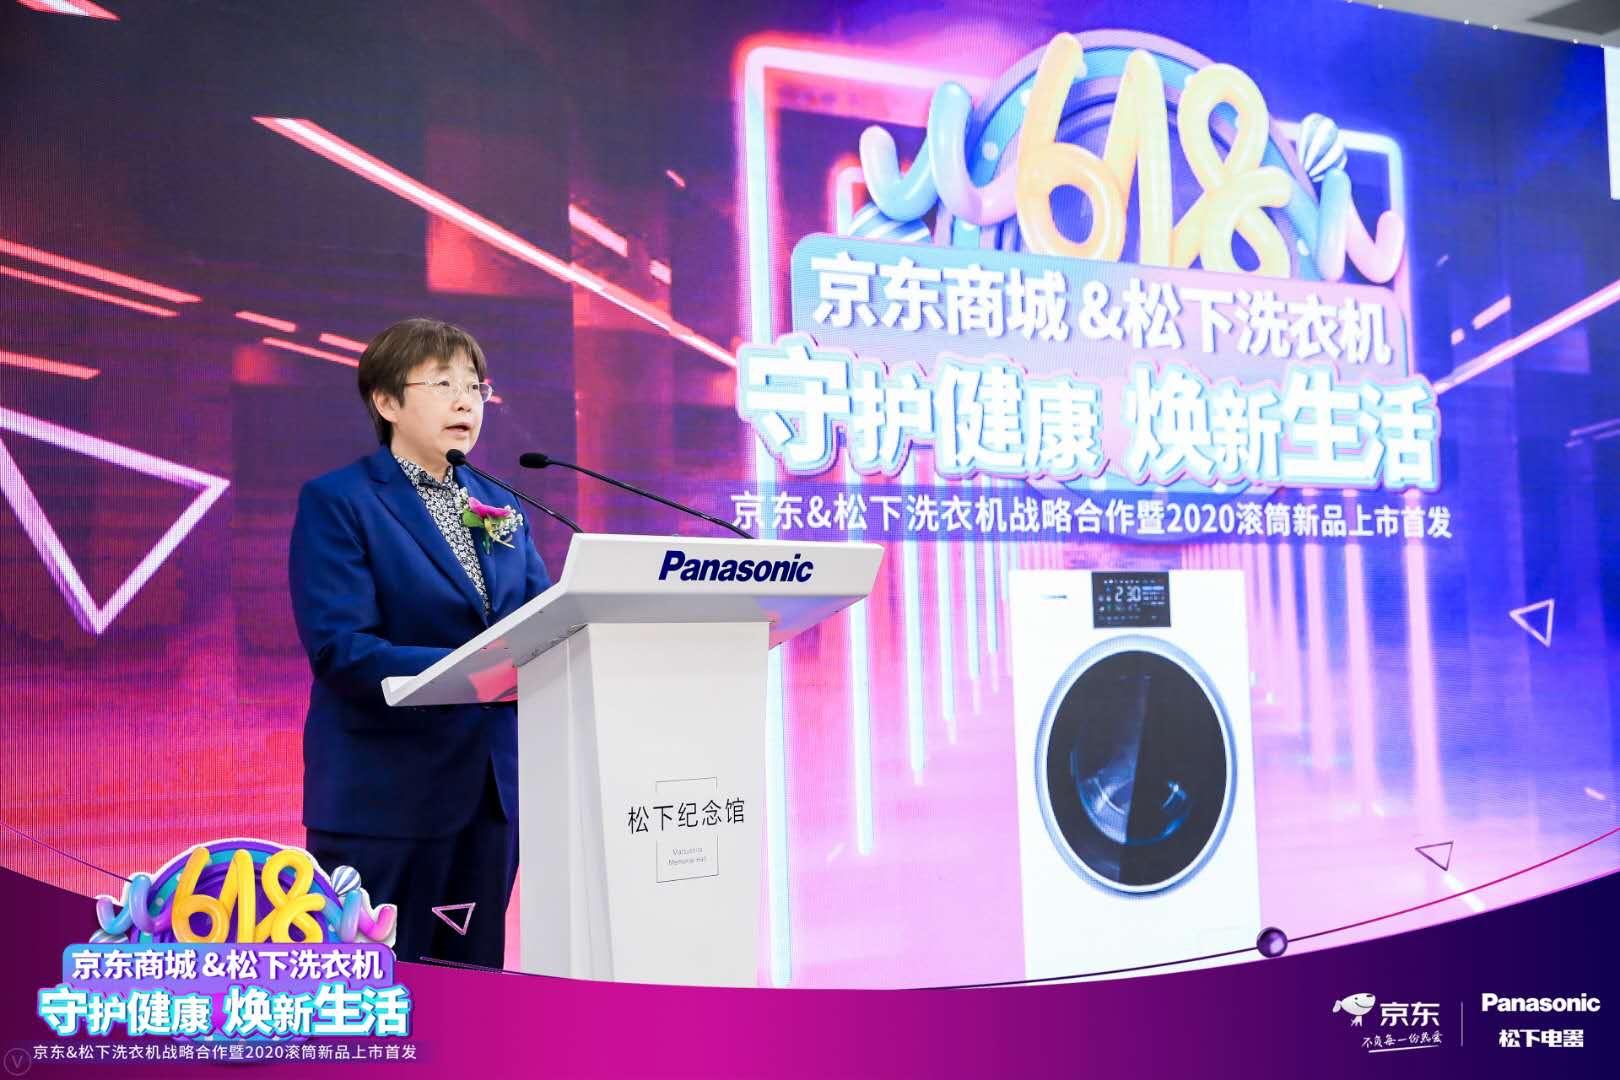 守护健康 焕新生活 松下洗衣机携手京东发布2020滚筒新品 智能公会